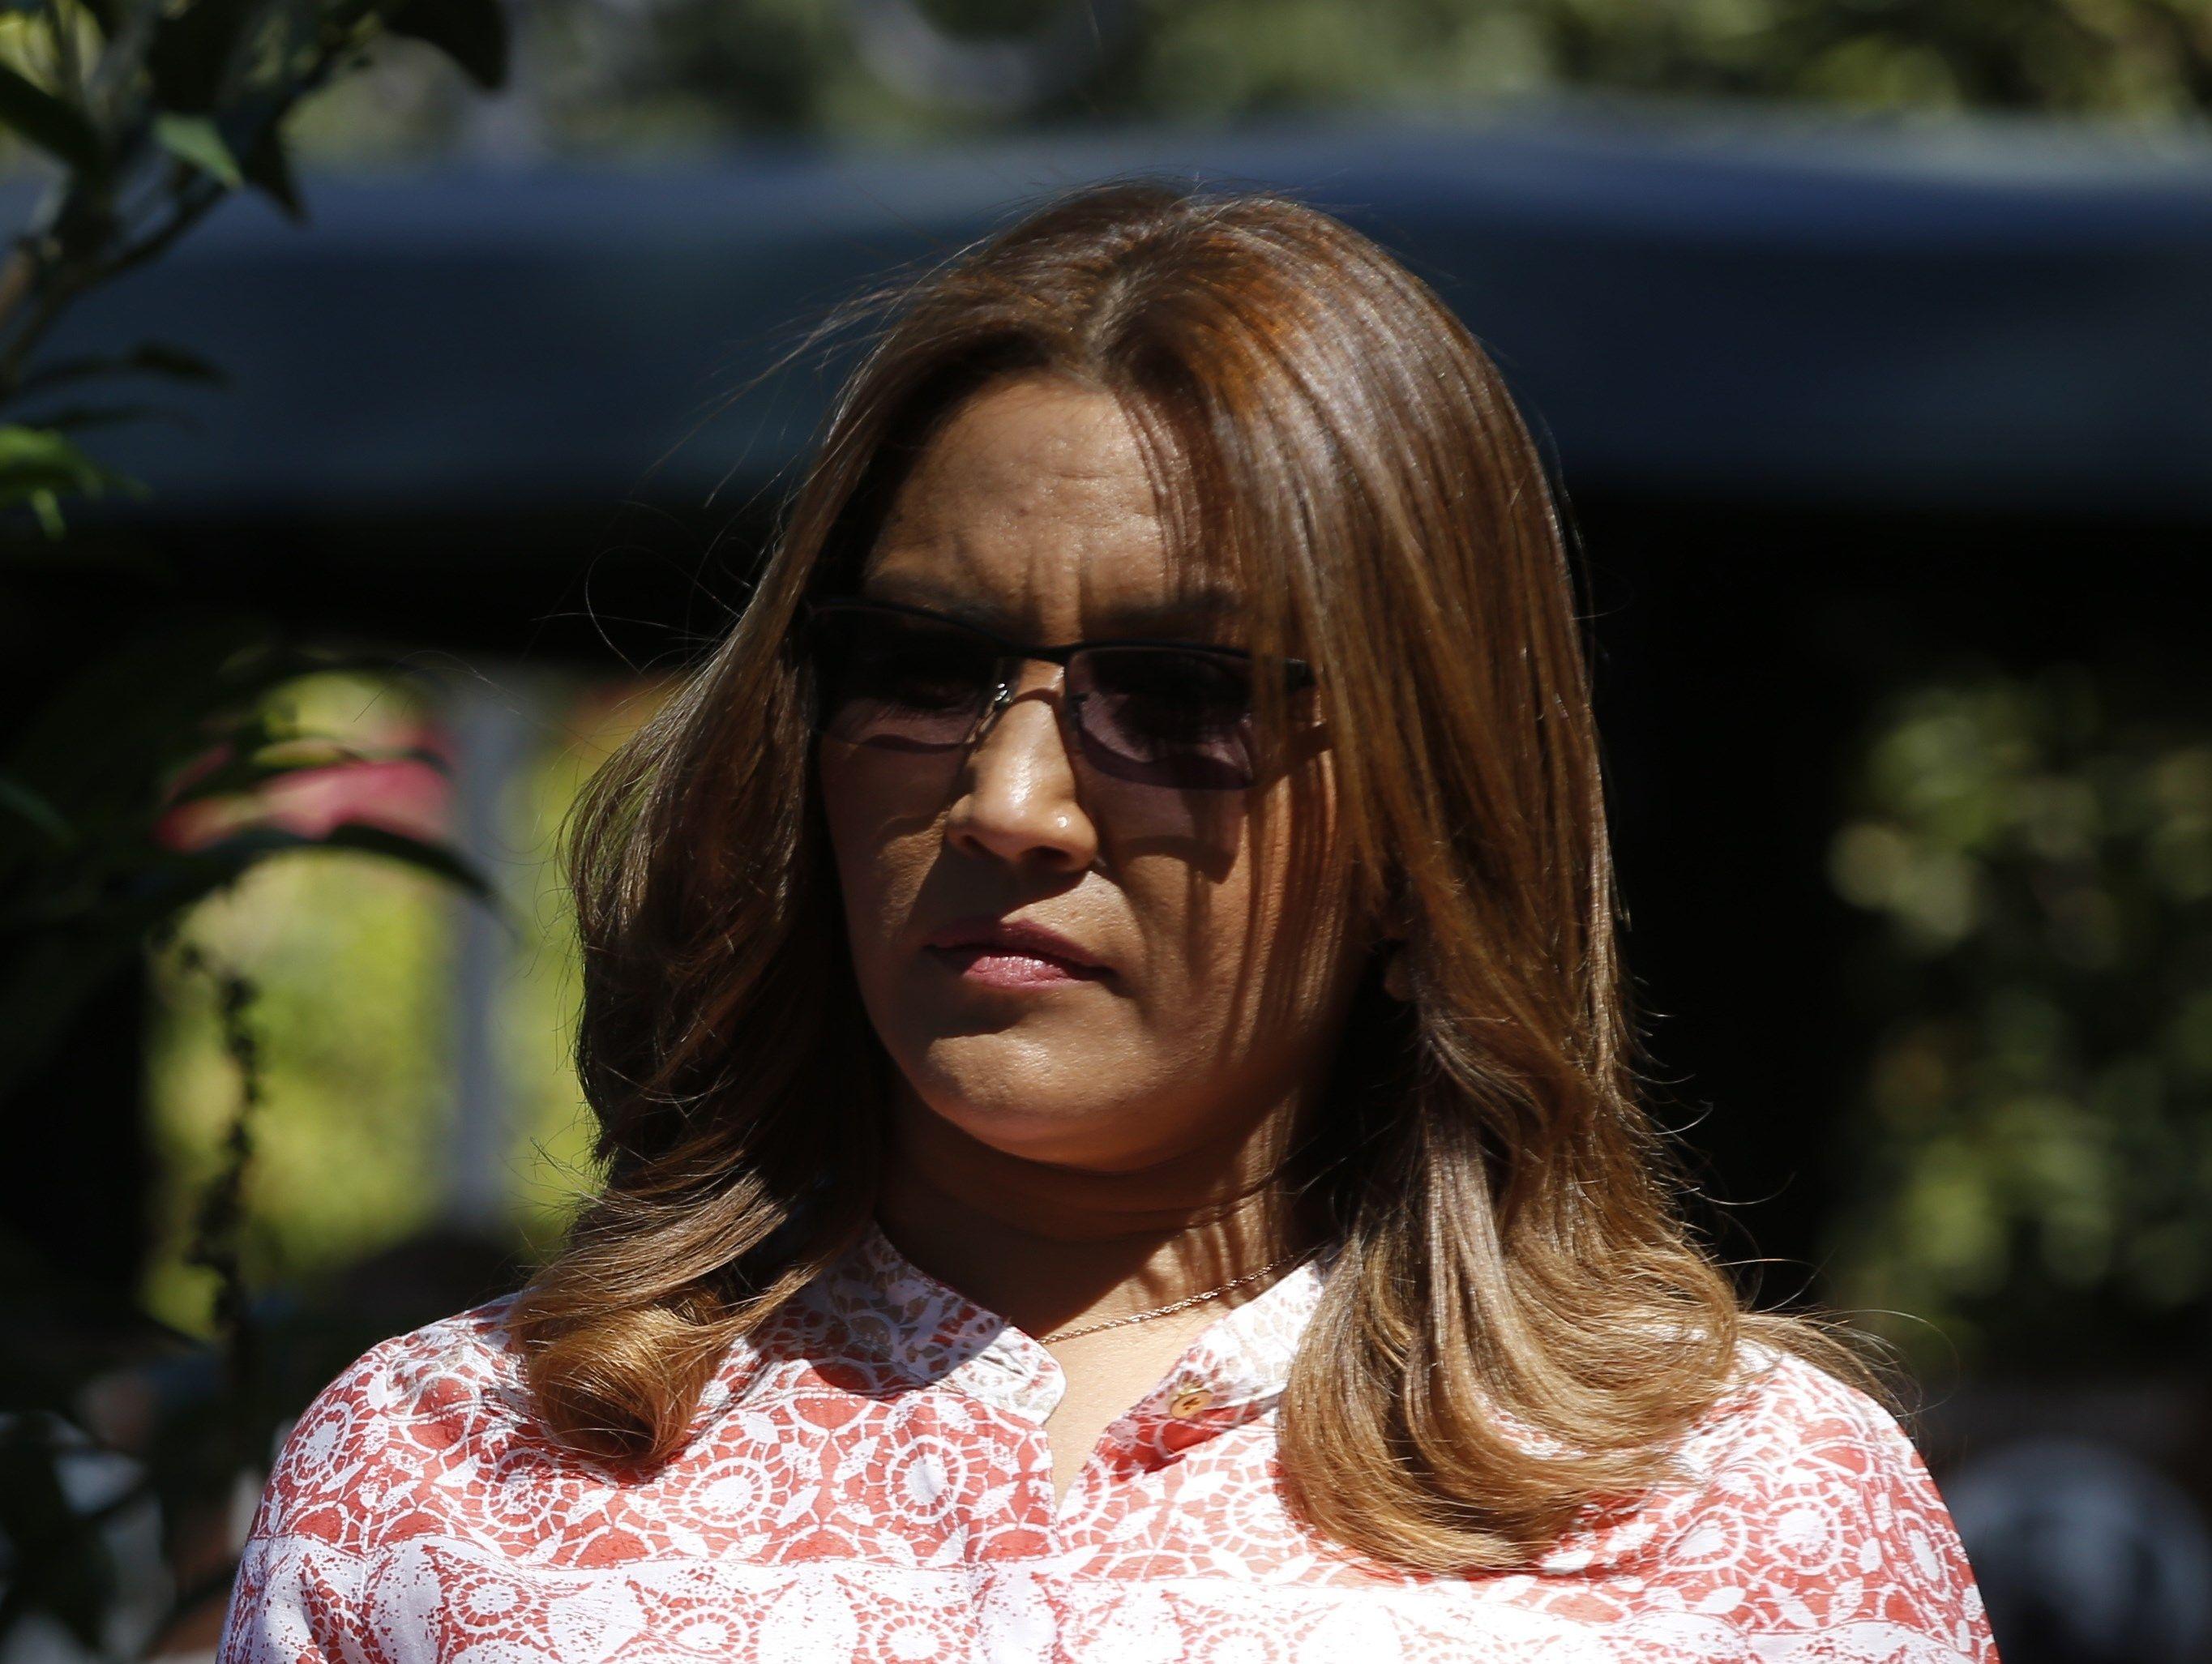 GUA311. ANTIGUA (GUATEMALA), 22/02/2019.- Fotografía del 16 de noviembre de 2018, de las primera dama de Guatemala, Patricia Marroquín, durante un acto de la XXVI Cumbre Iberoamericana, en Antigua (Guatemala). La jefa del Ministerio Público de Guatemala, Consuelo Porras, confirmó este viernes 22 de febrero de 2019, que se inició de oficio una investigación contra la primera dama, Patricia Marroquín de Morales, por la recepción anómala de cheques durante la campaña de 2015 que llevó a su marido a la Presidencia. EFE/Dafne Pérez/ARCHIVO